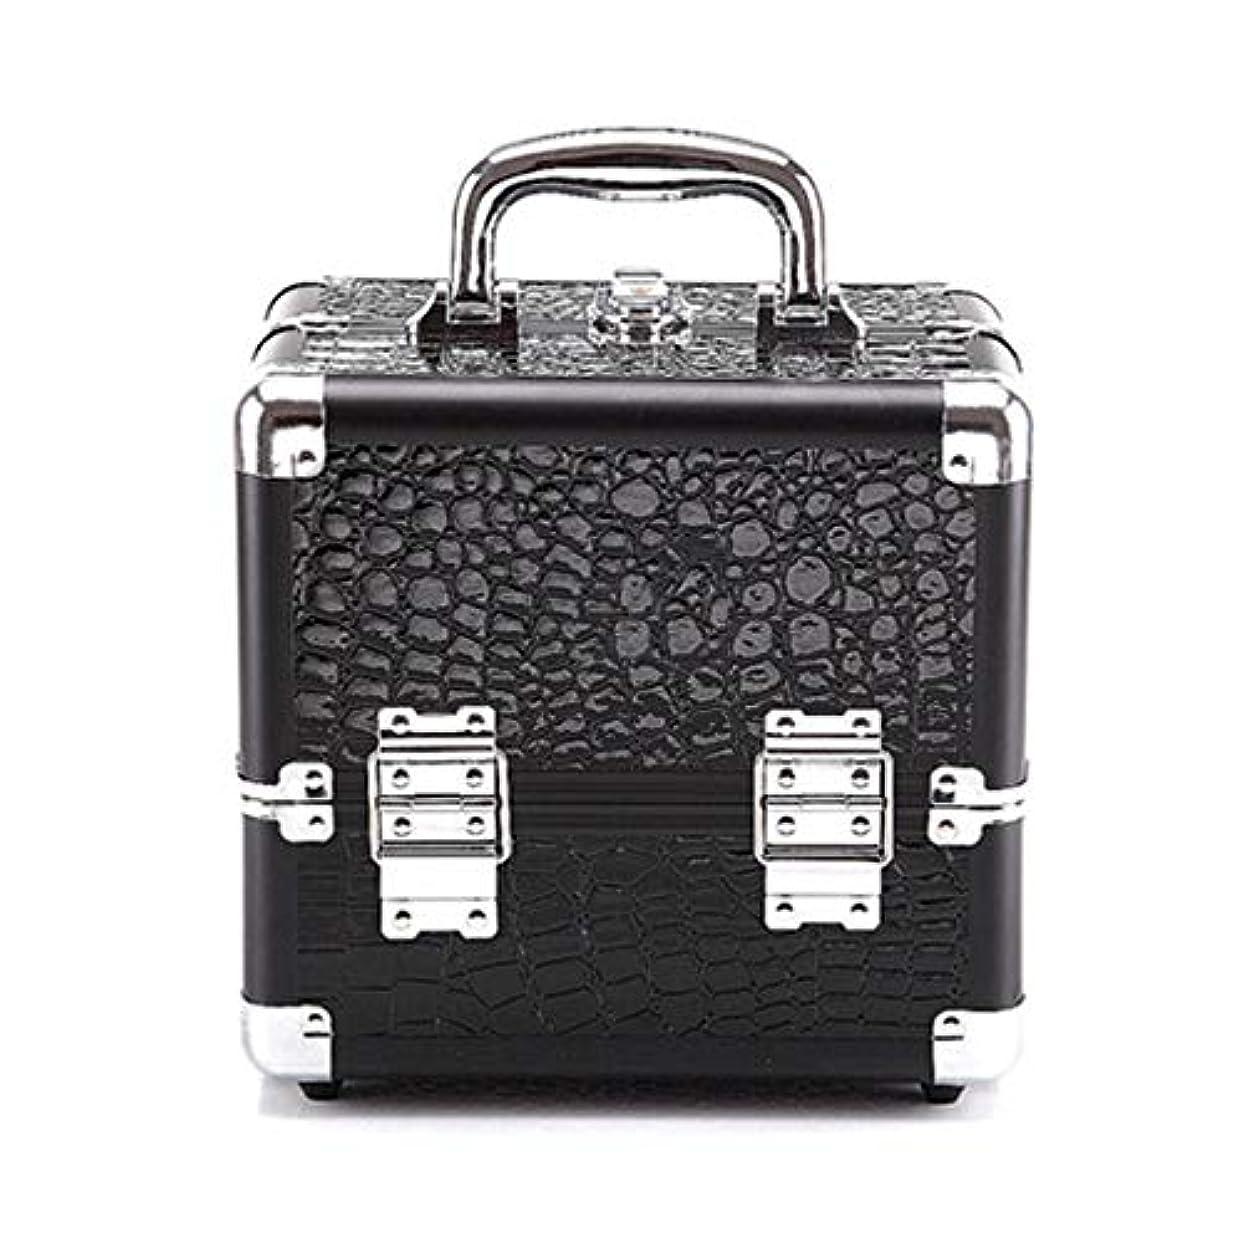 市民エーカーキラウエア山特大スペース収納ビューティーボックス 多機能ポータブル旅行化粧ケース化粧品袋トイレタリーバッグ用十代の女の子女性アーティスト 化粧品化粧台 (色 : Black(S))